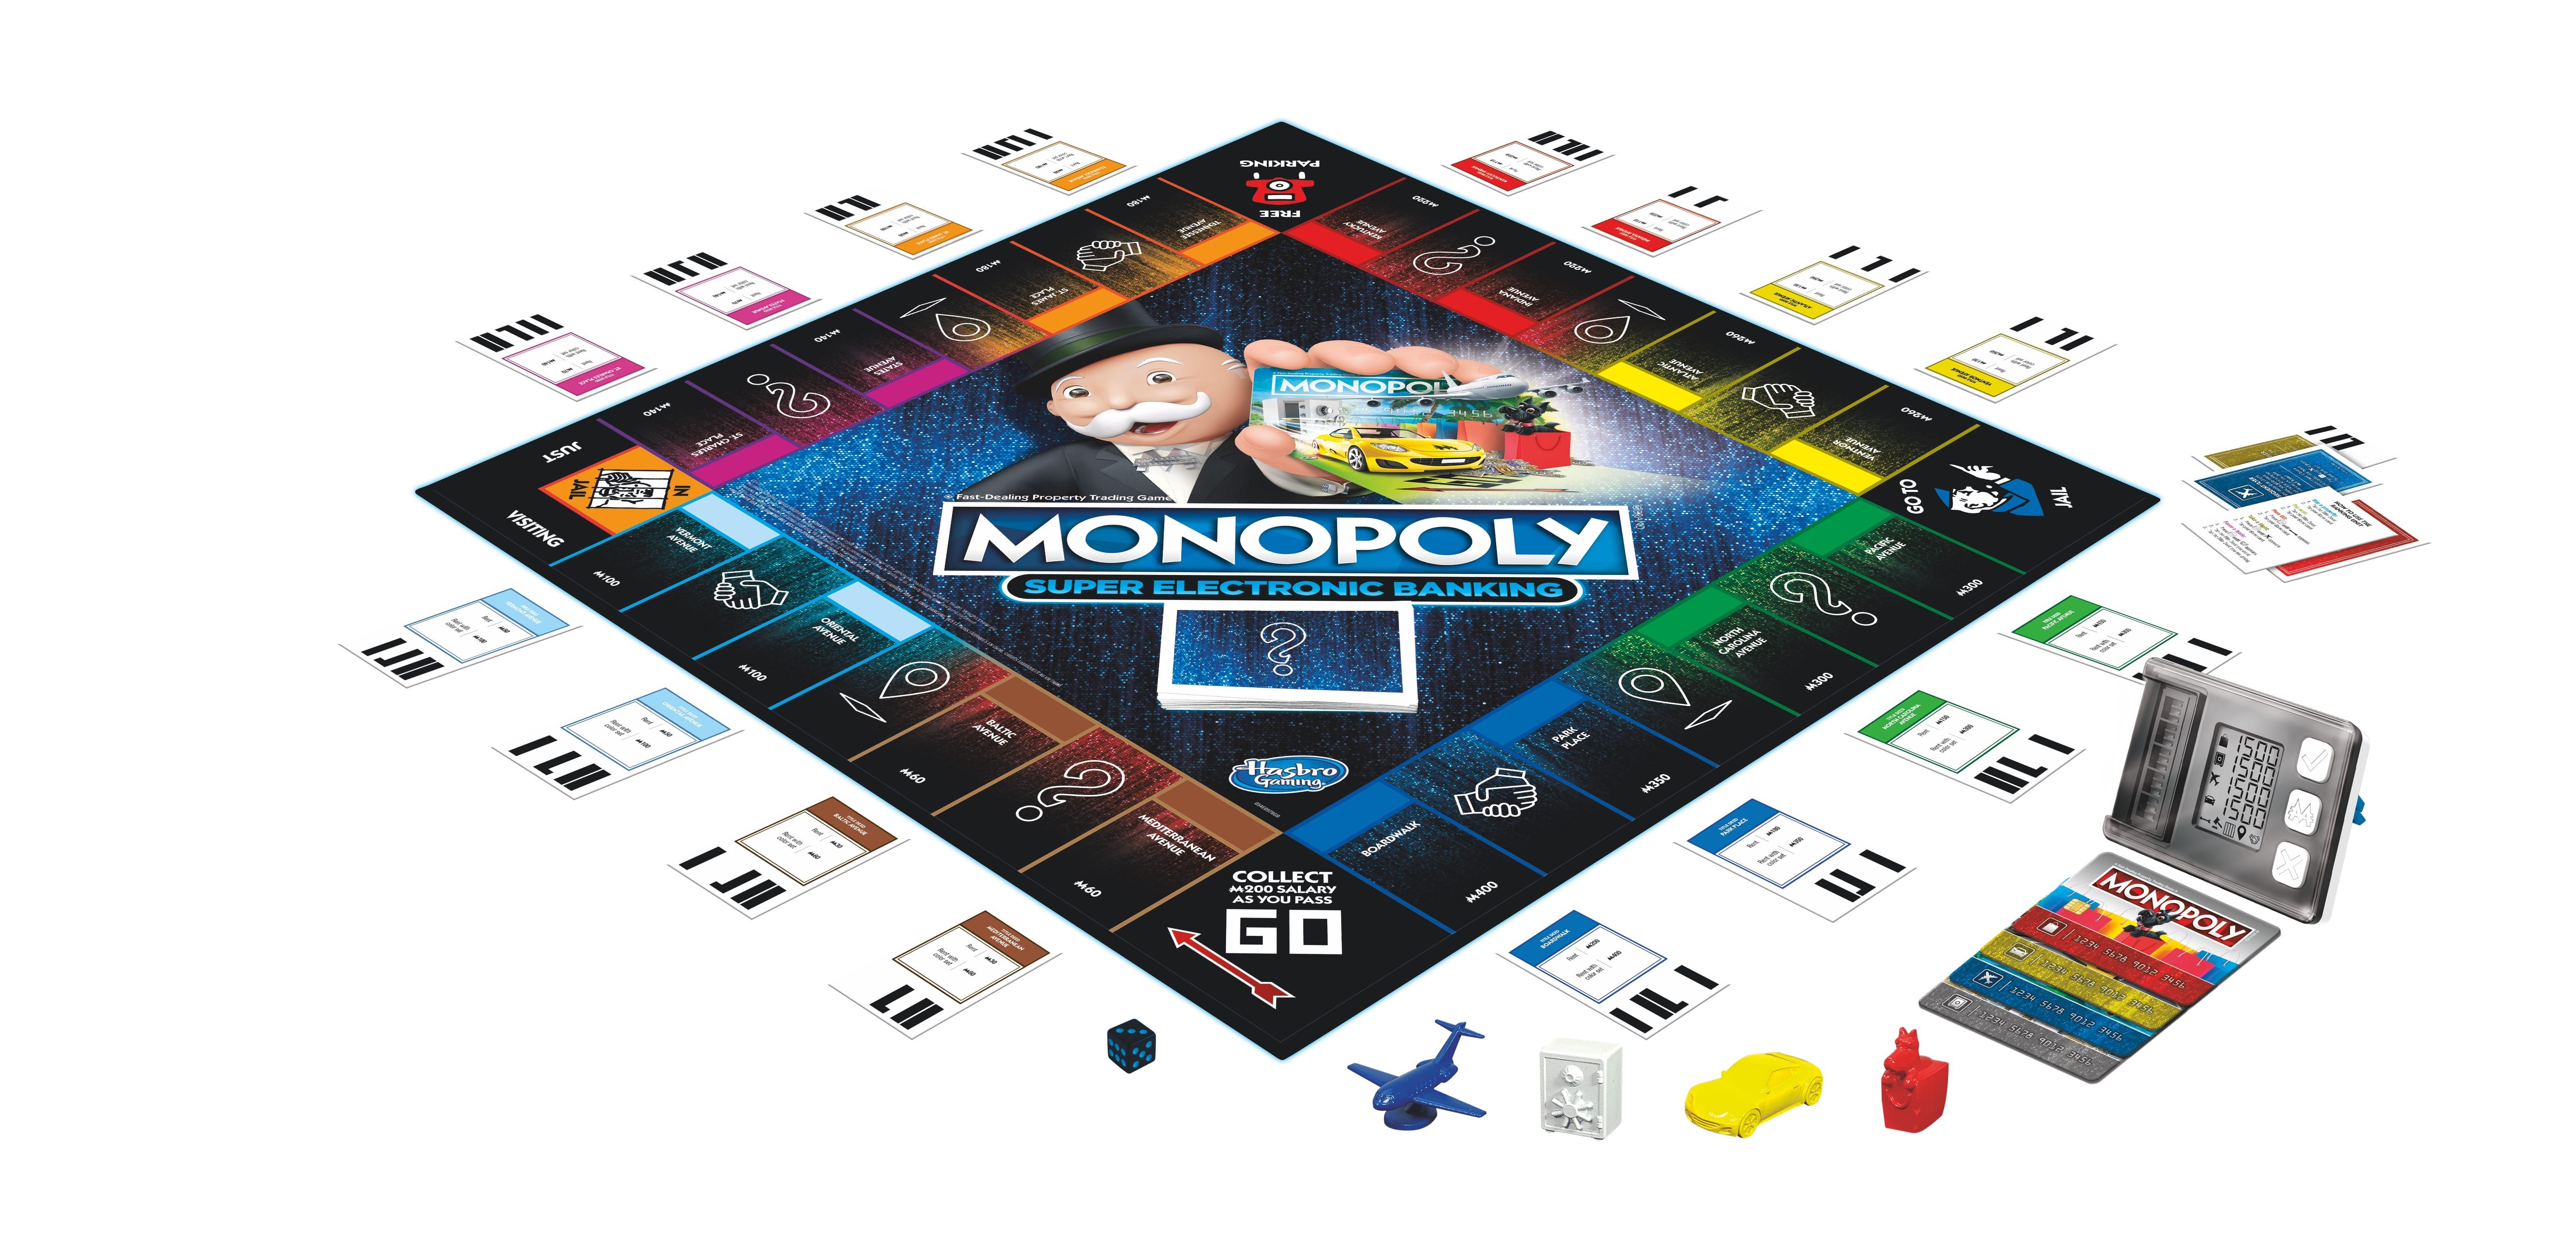 E8978 MONOPOLY Rewards board